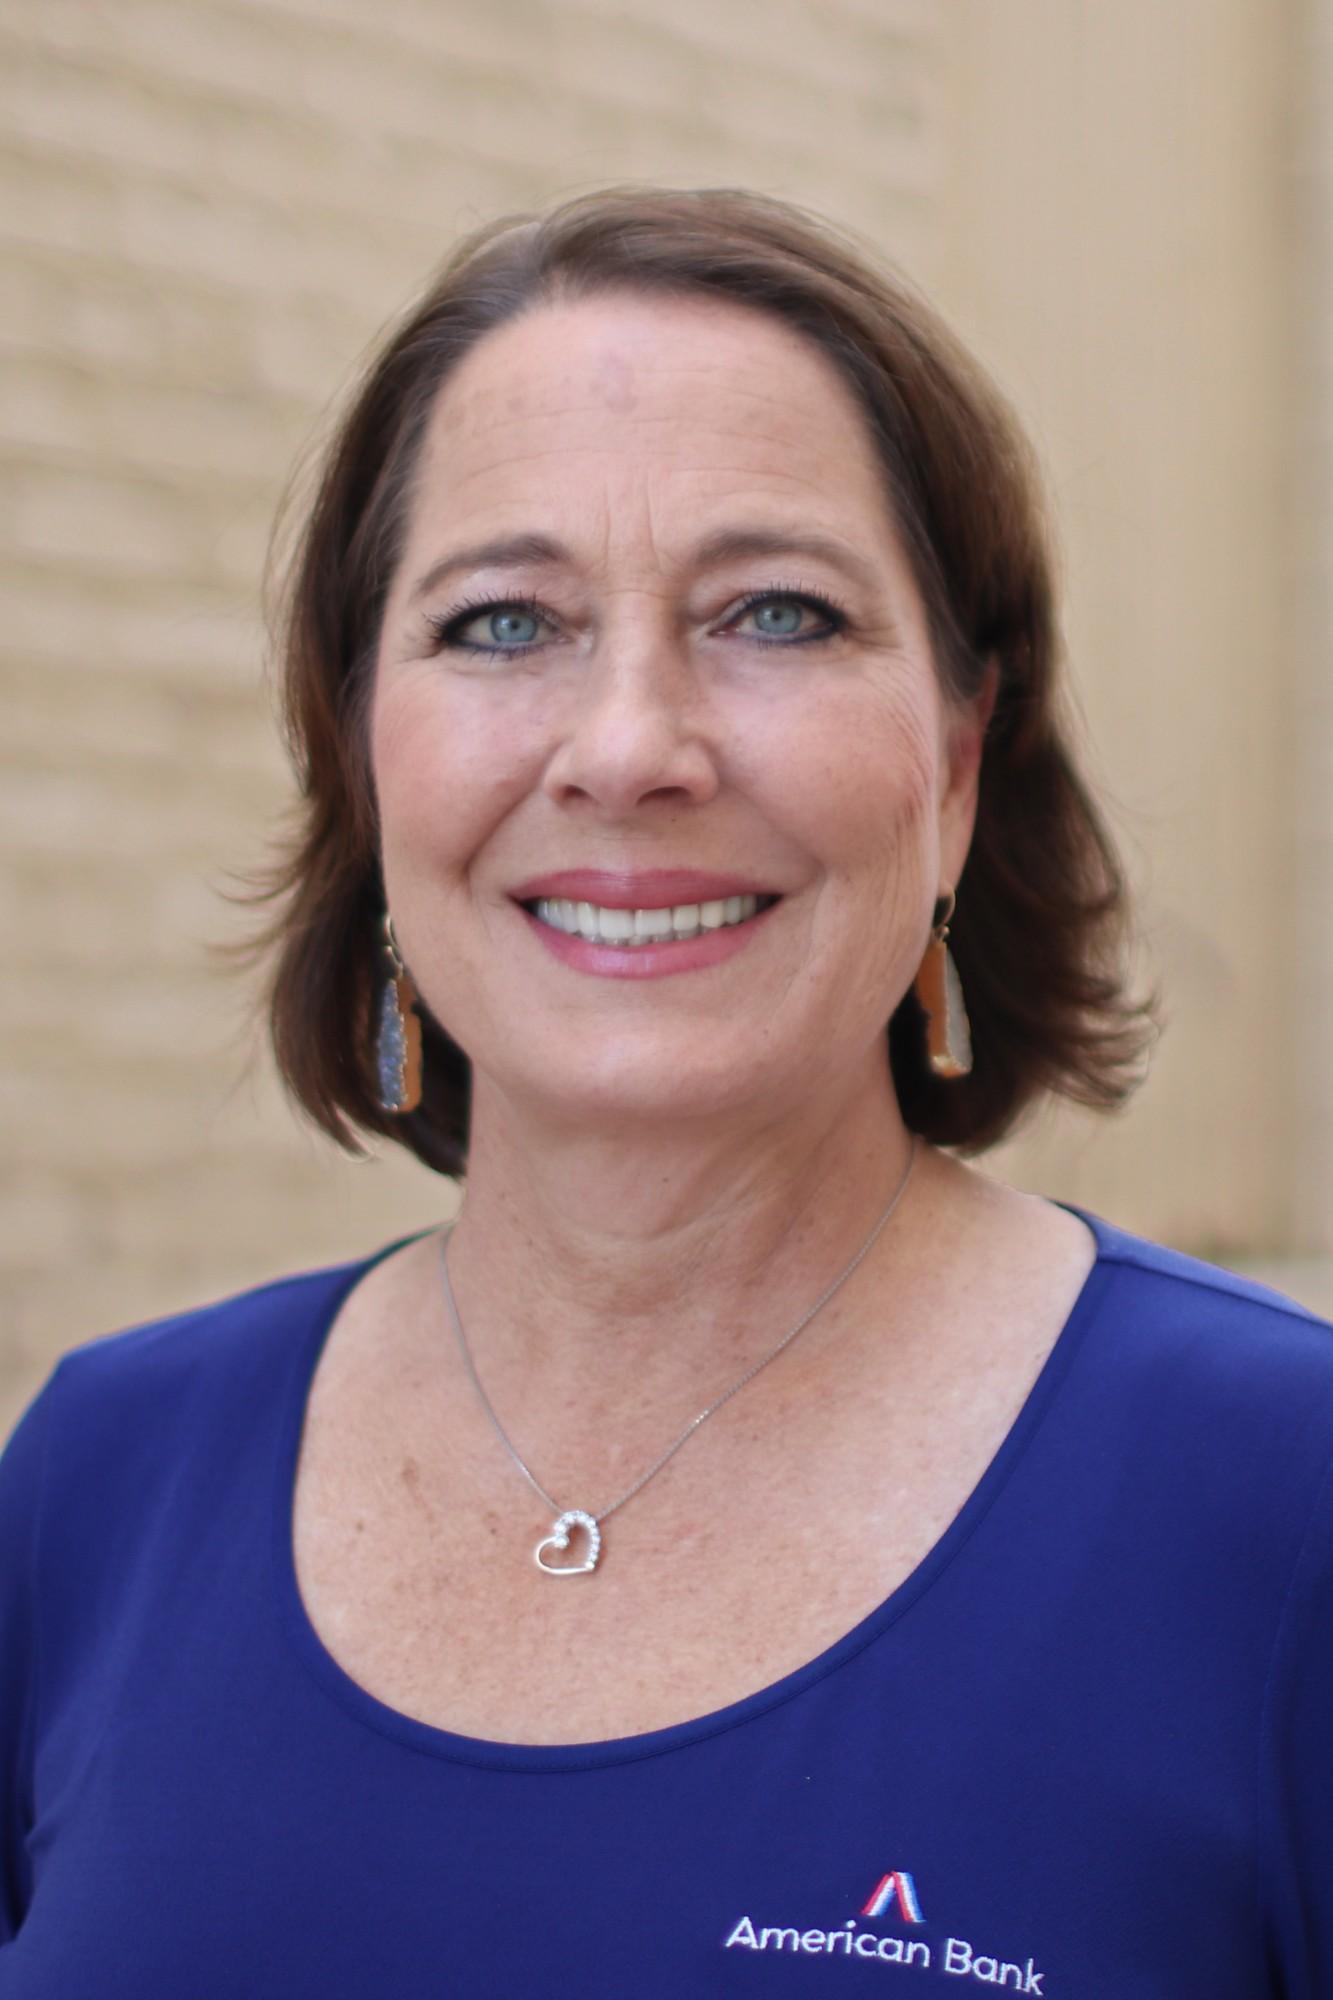 Laura Joswick